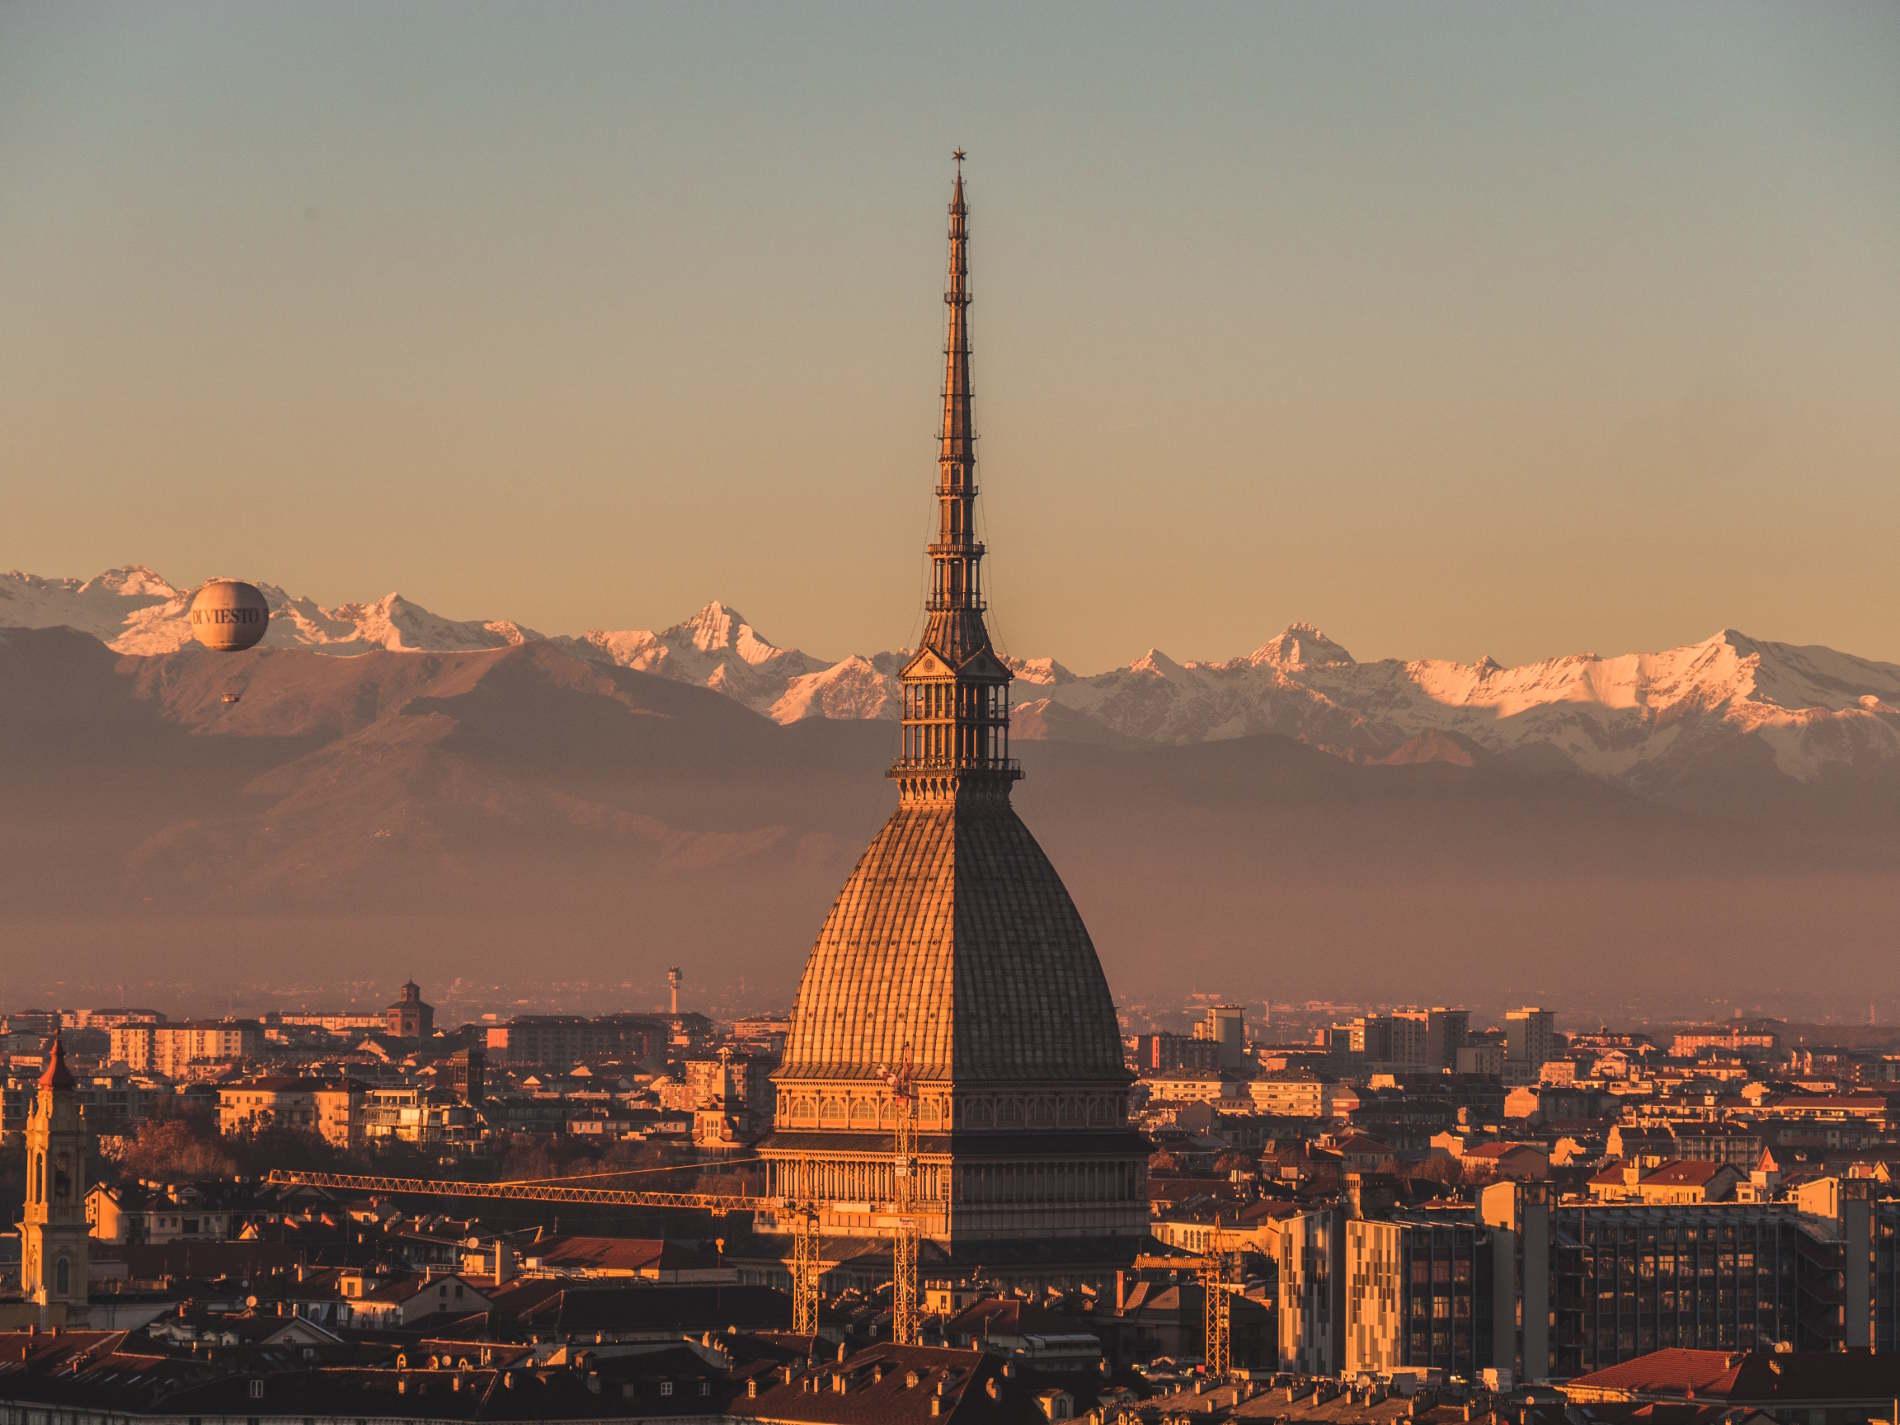 Simboli di Torino Panorama della Mole Antonelliana di Torino con lo sfondo delle Alpi innevate